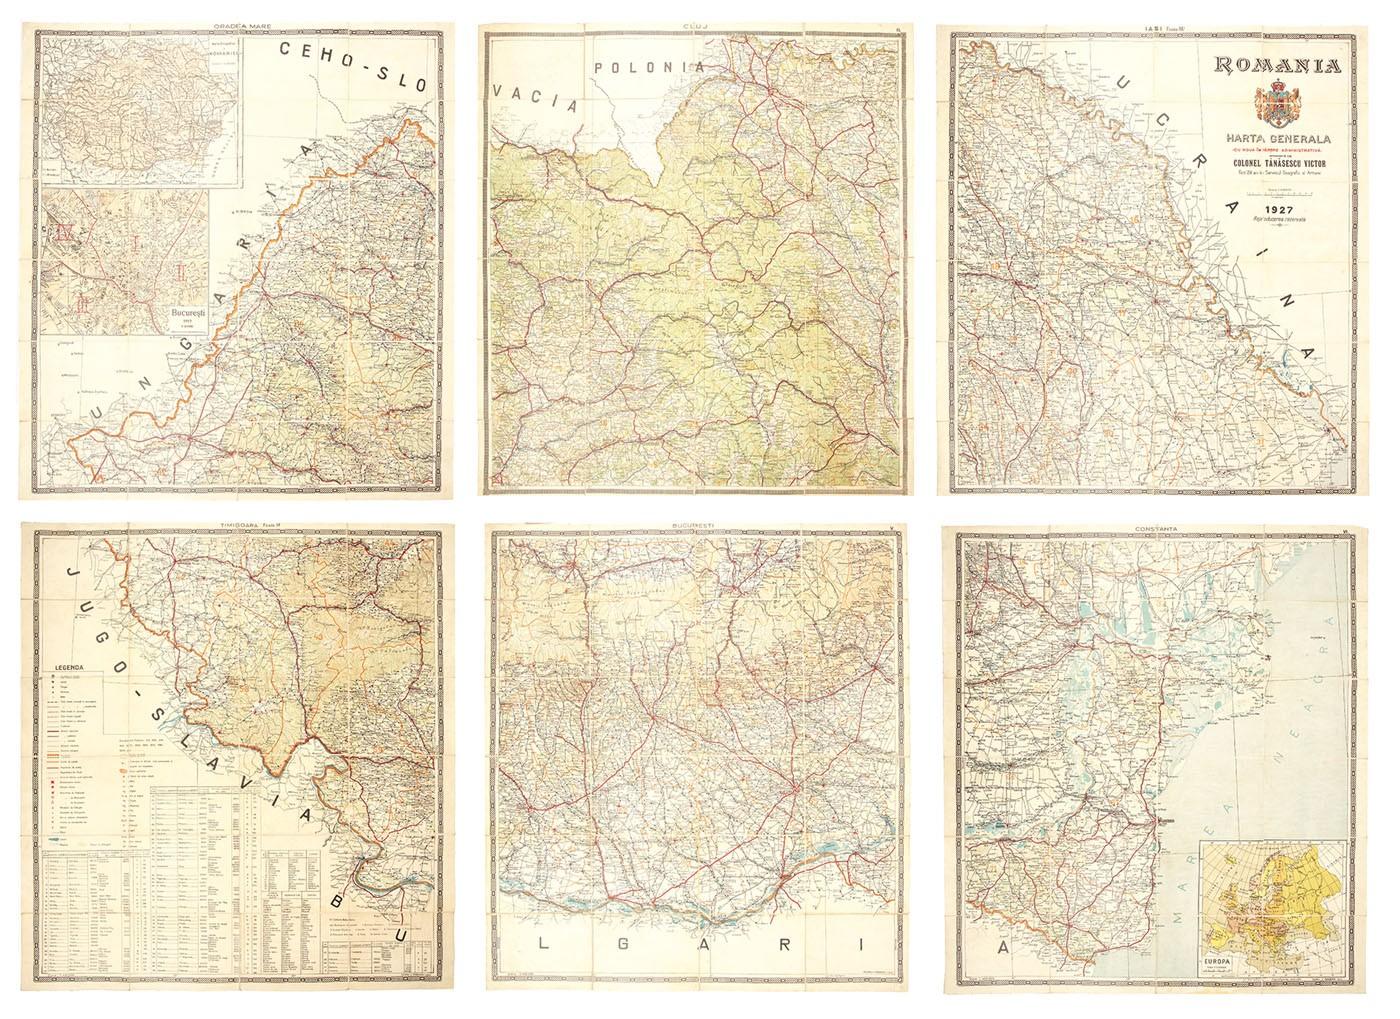 Harta Generală A Romaniei Cu Noua Impărțire Administrativă De